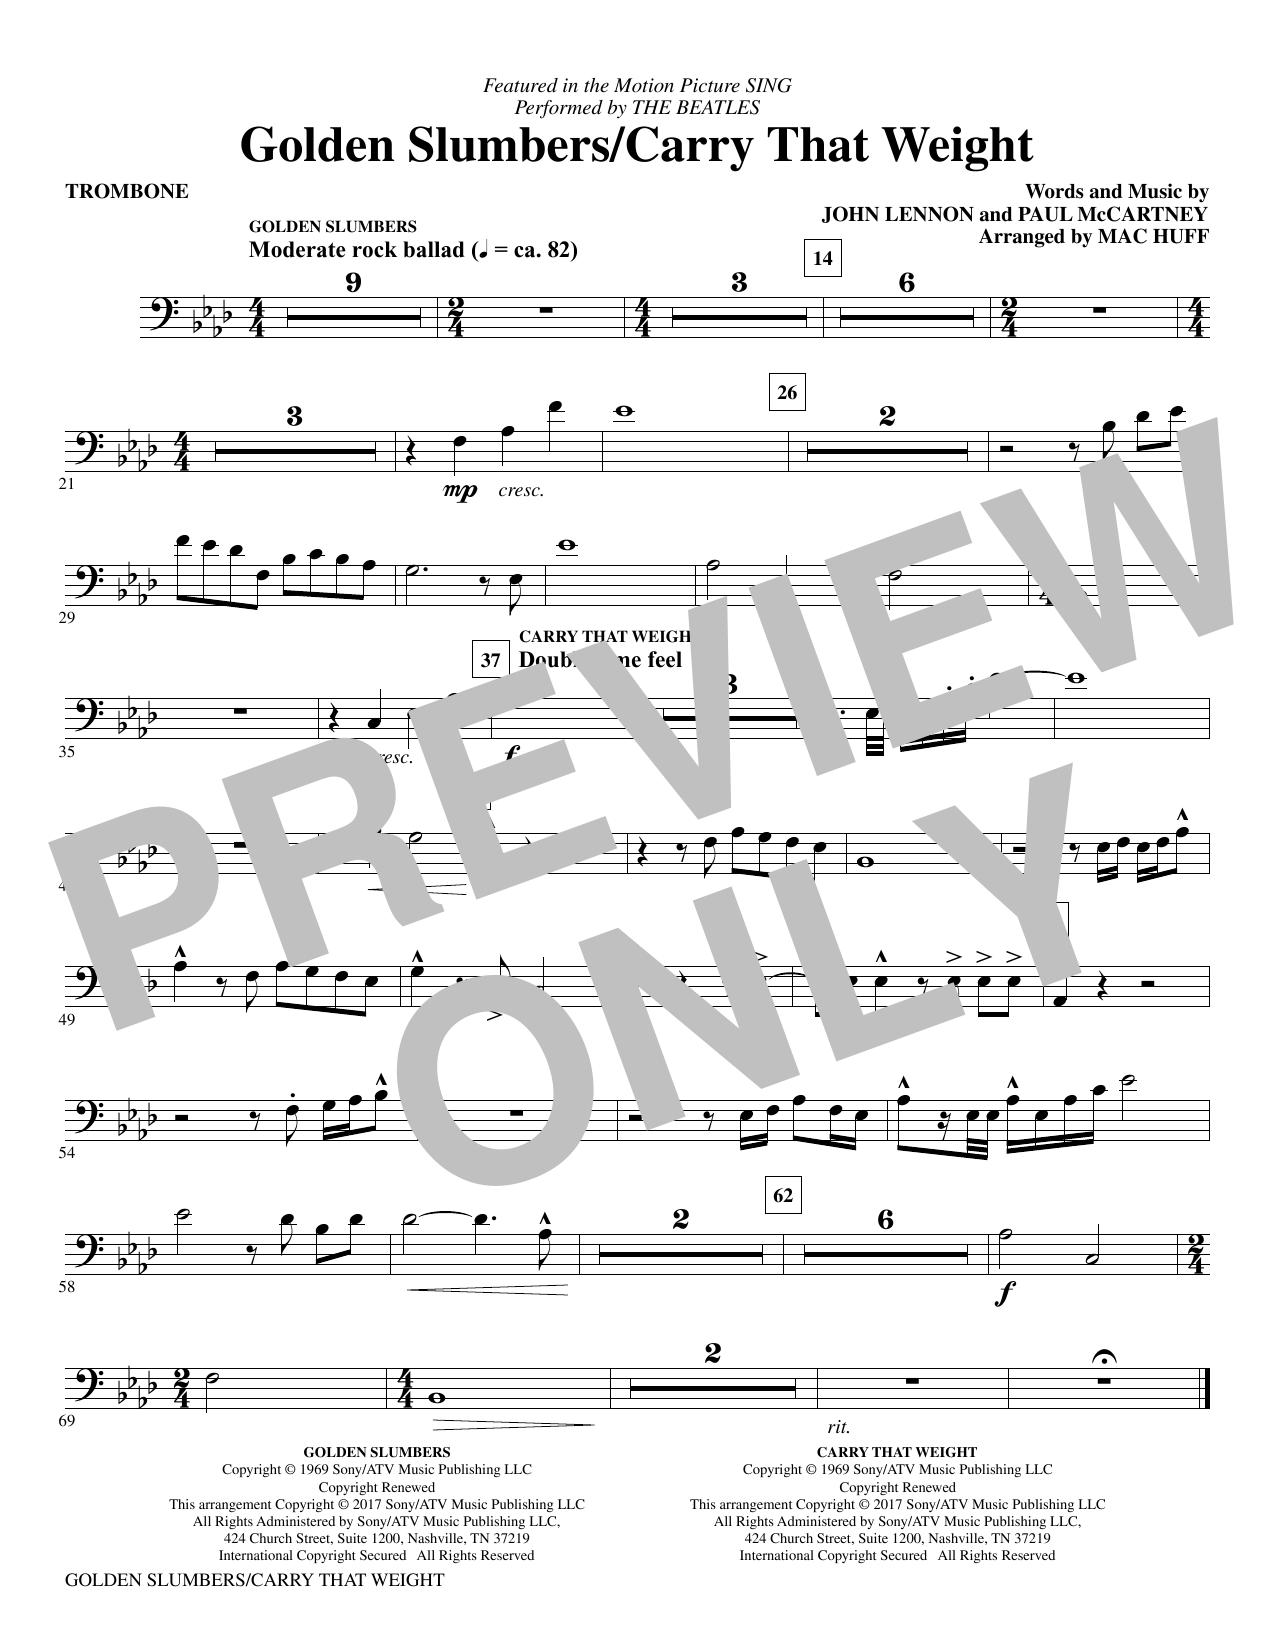 Golden Slumbers/Carry That Weight - Trombone Sheet Music